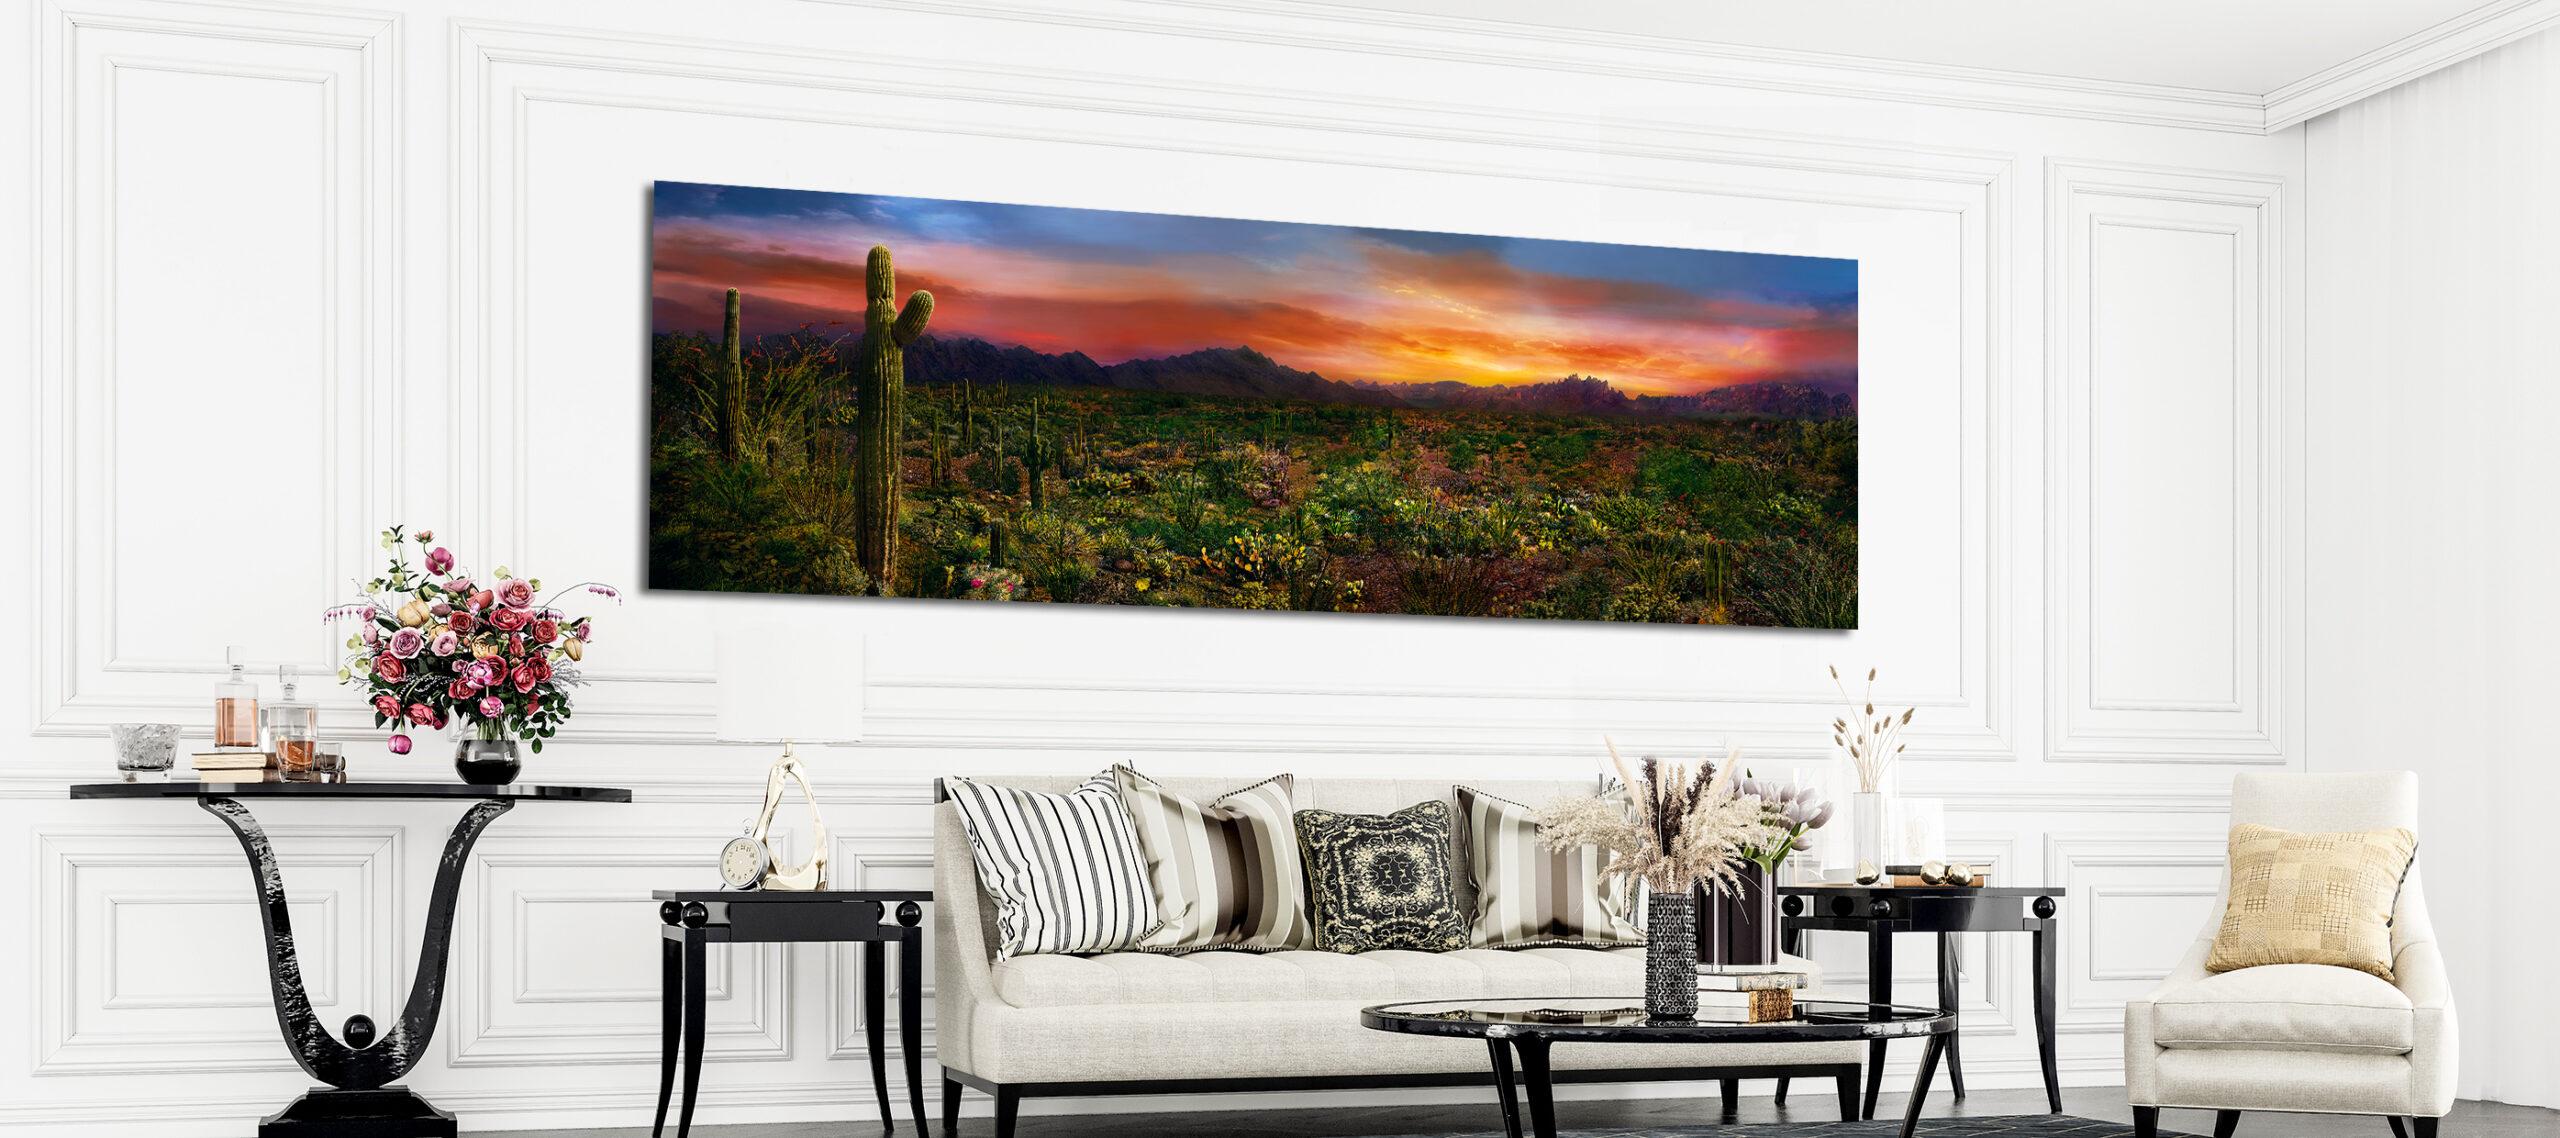 Modern,Interior,Design,For,Home,,Office,,Interior,Details,,Upholstered,Furniture